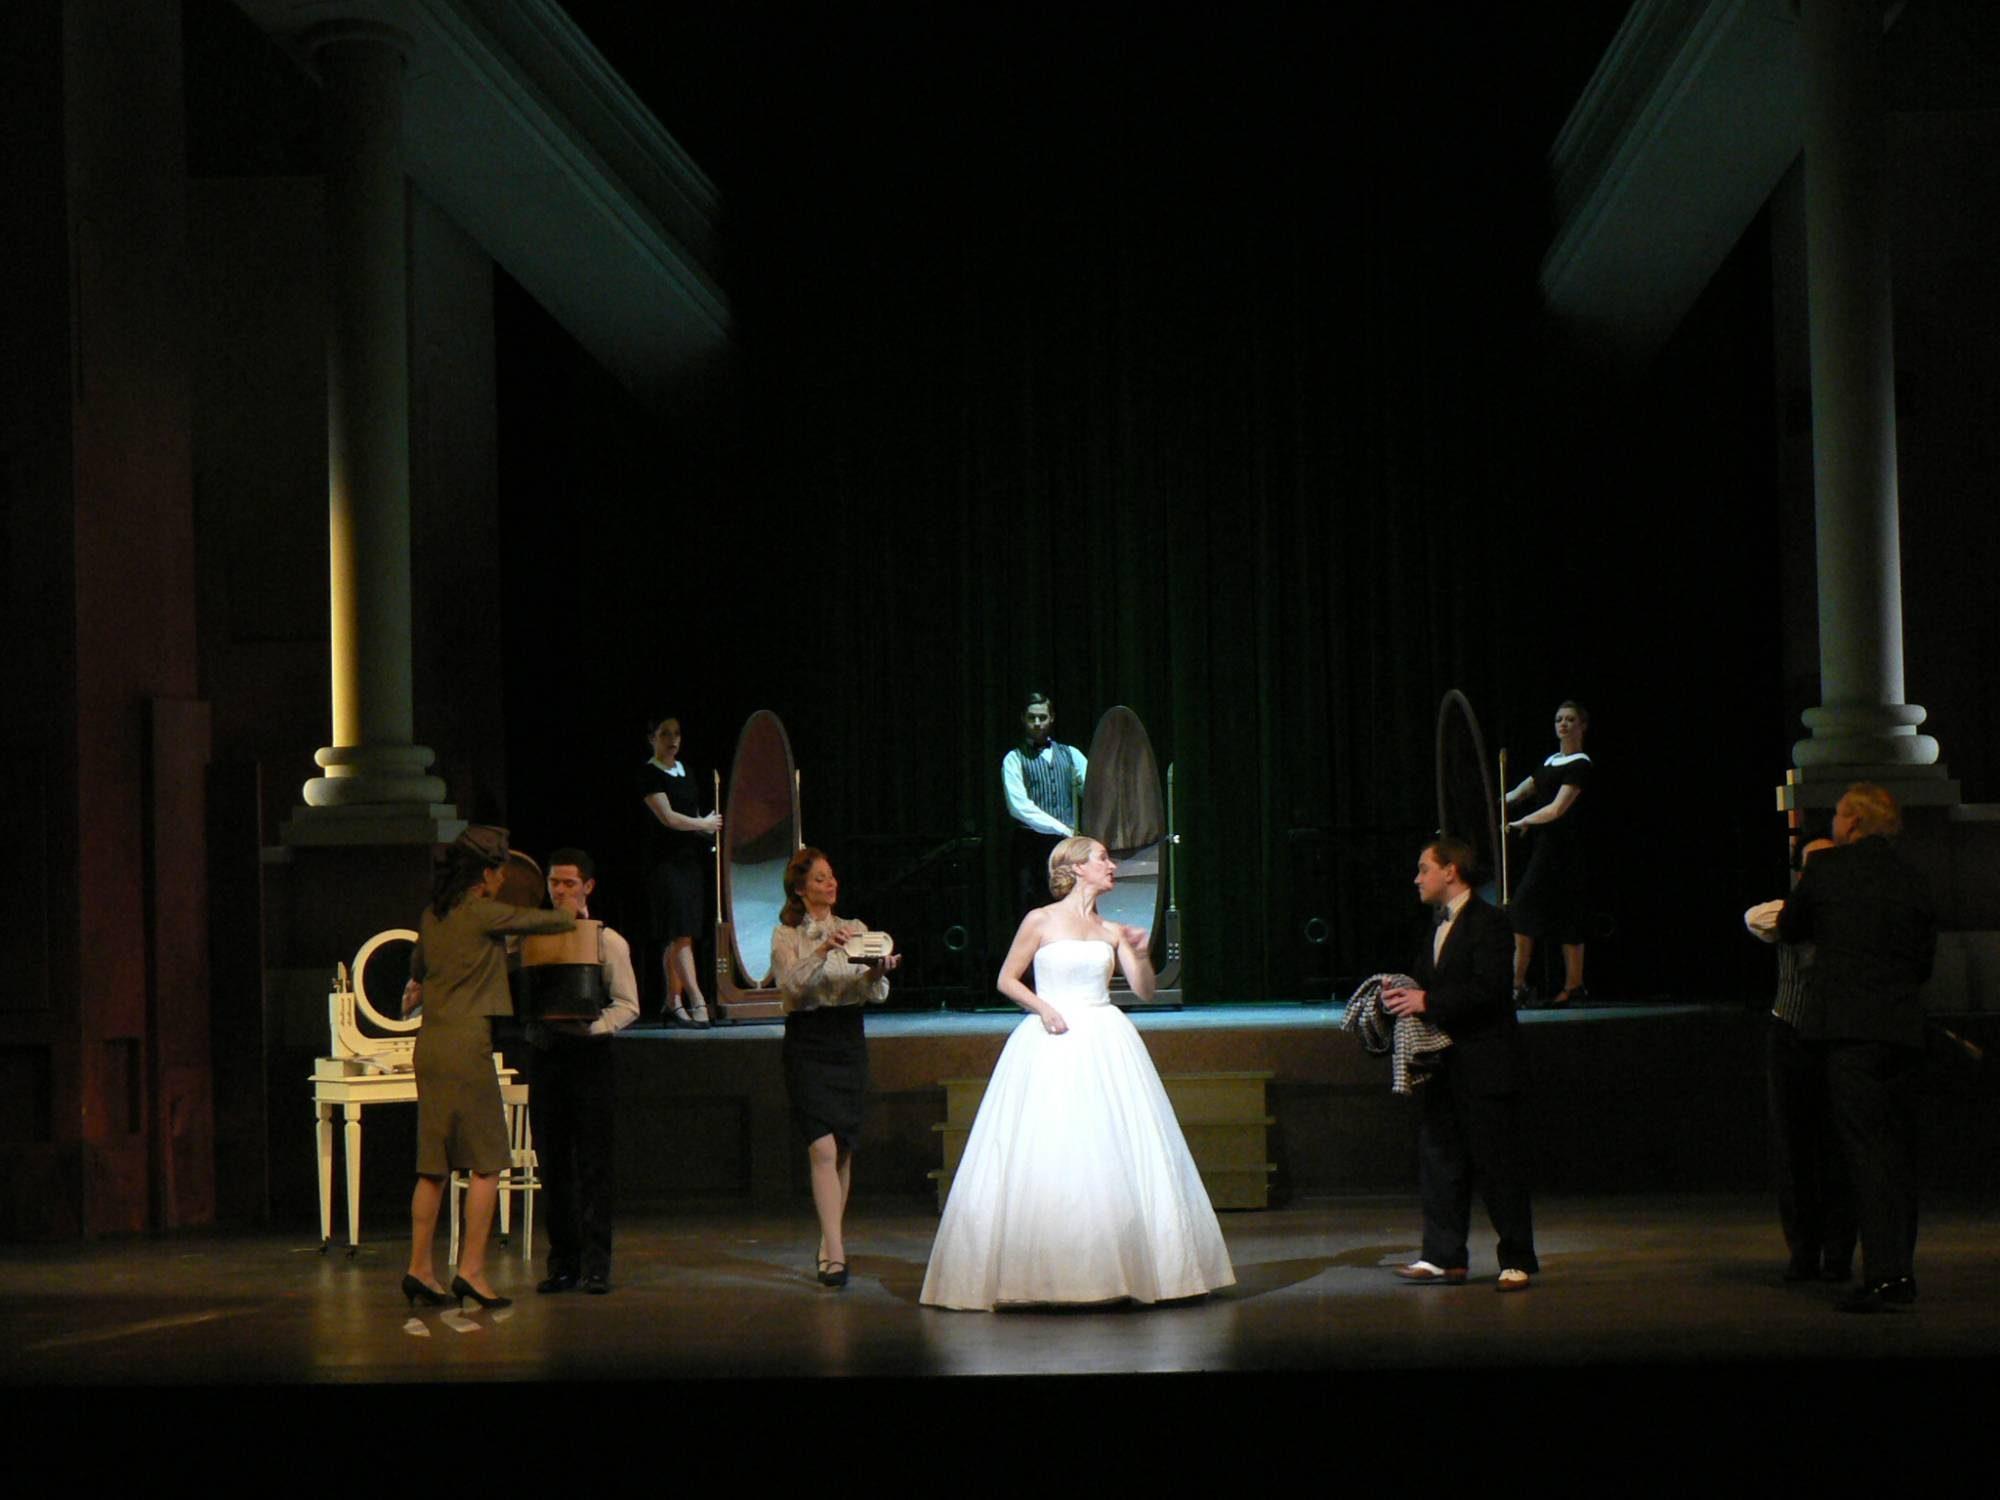 evita-theater erfurt, regie:nicole claudia weber, foto: leikauf/fehringer